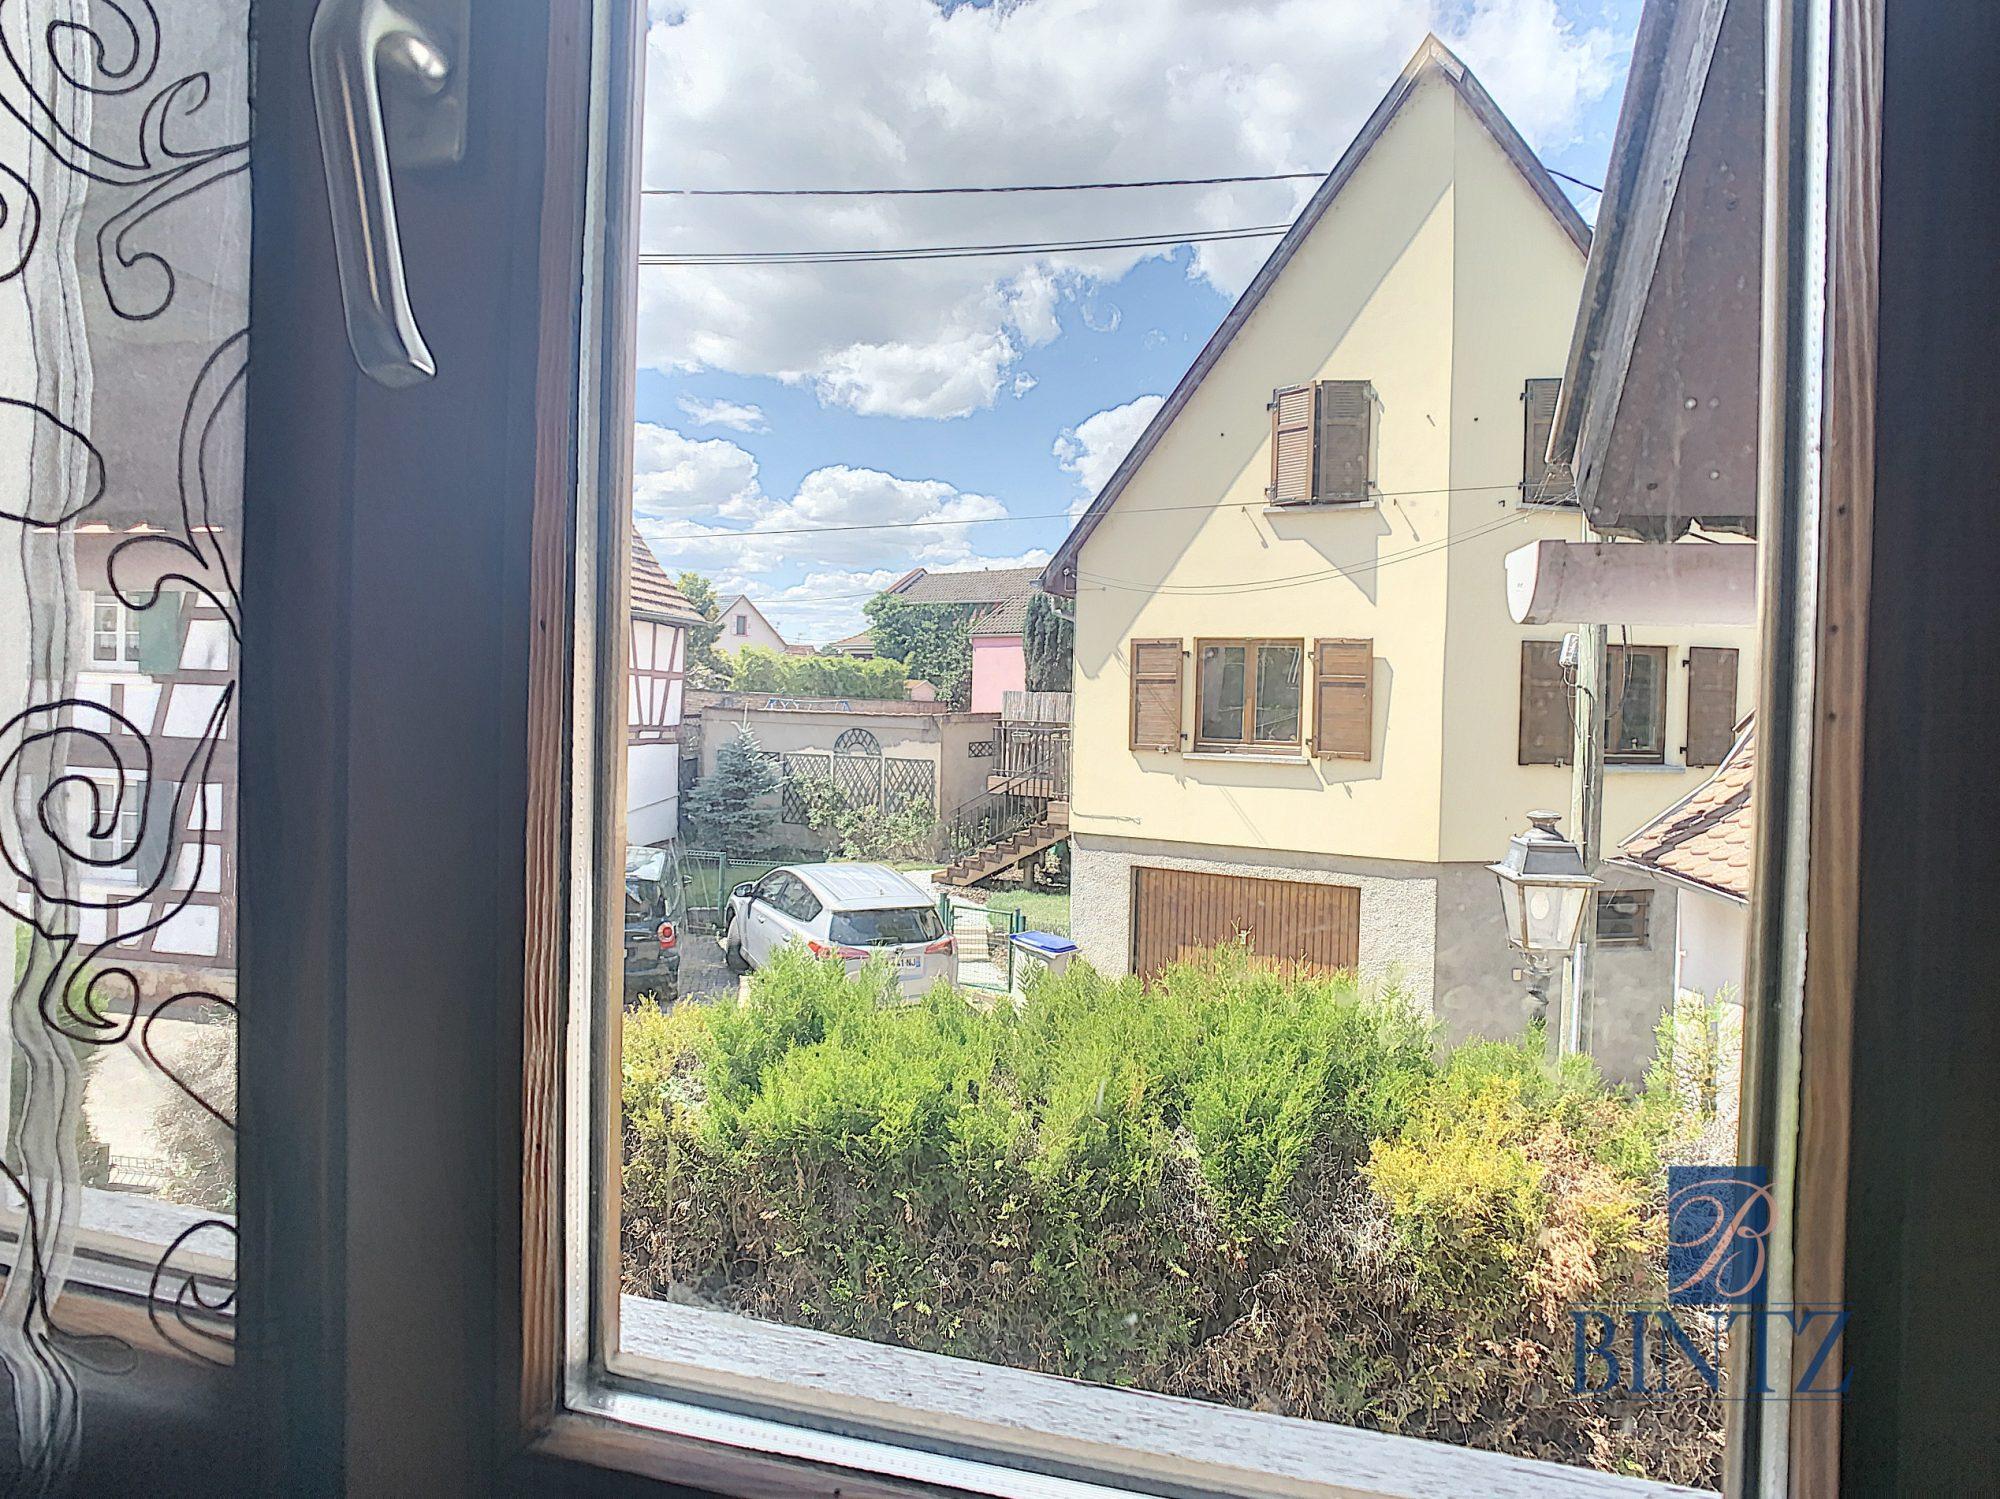 Pour investisseur : maison 2 pièces louée, avec garage fermé - Devenez propriétaire en toute confiance - Bintz Immobilier - 8